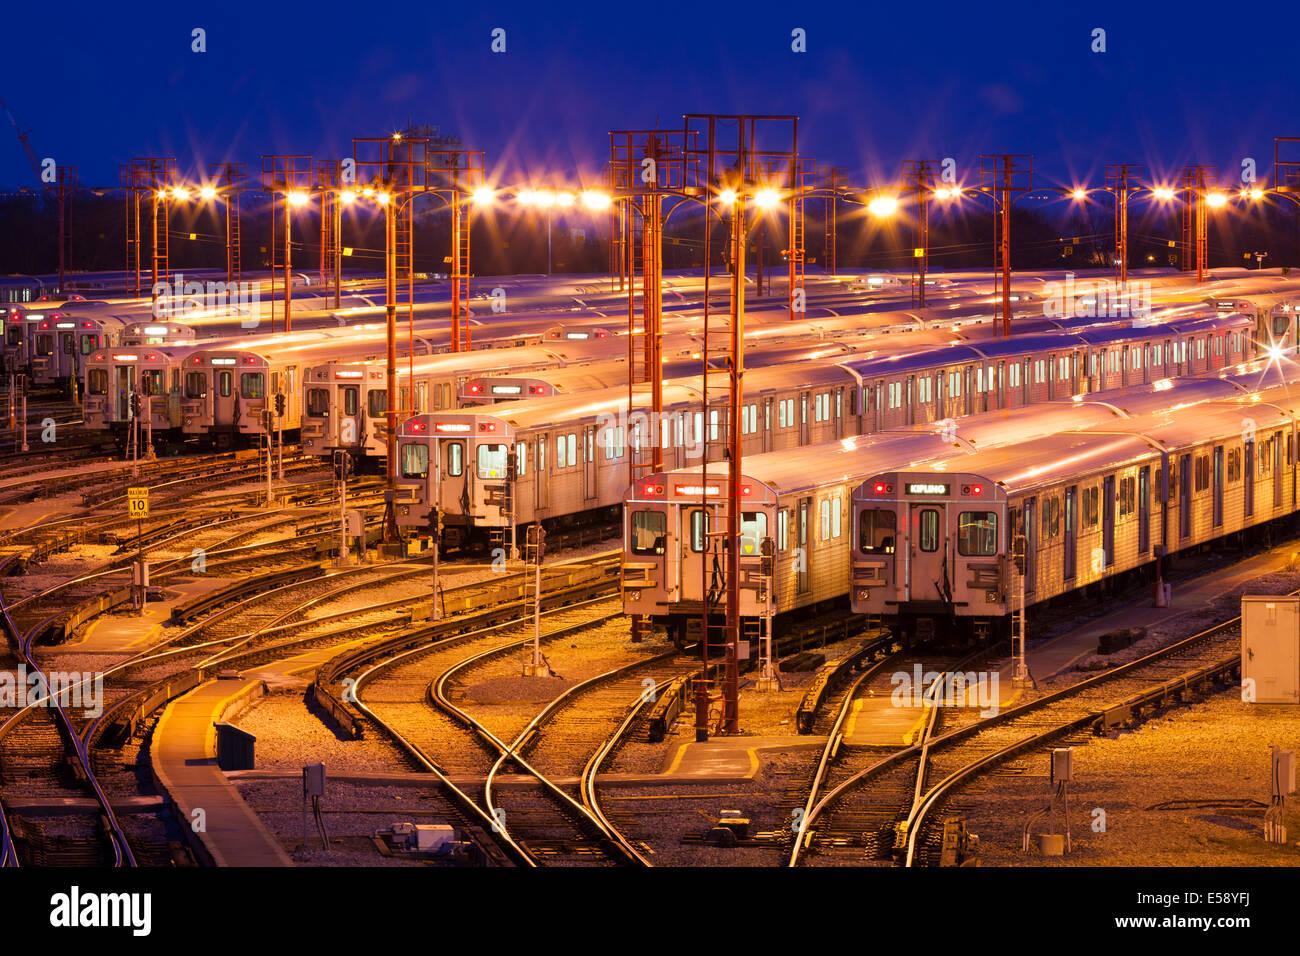 Die Greenwood U-Bahn Yards in der Dämmerung zu sehen. Toronto, Ontario, Kanada. Stockfoto